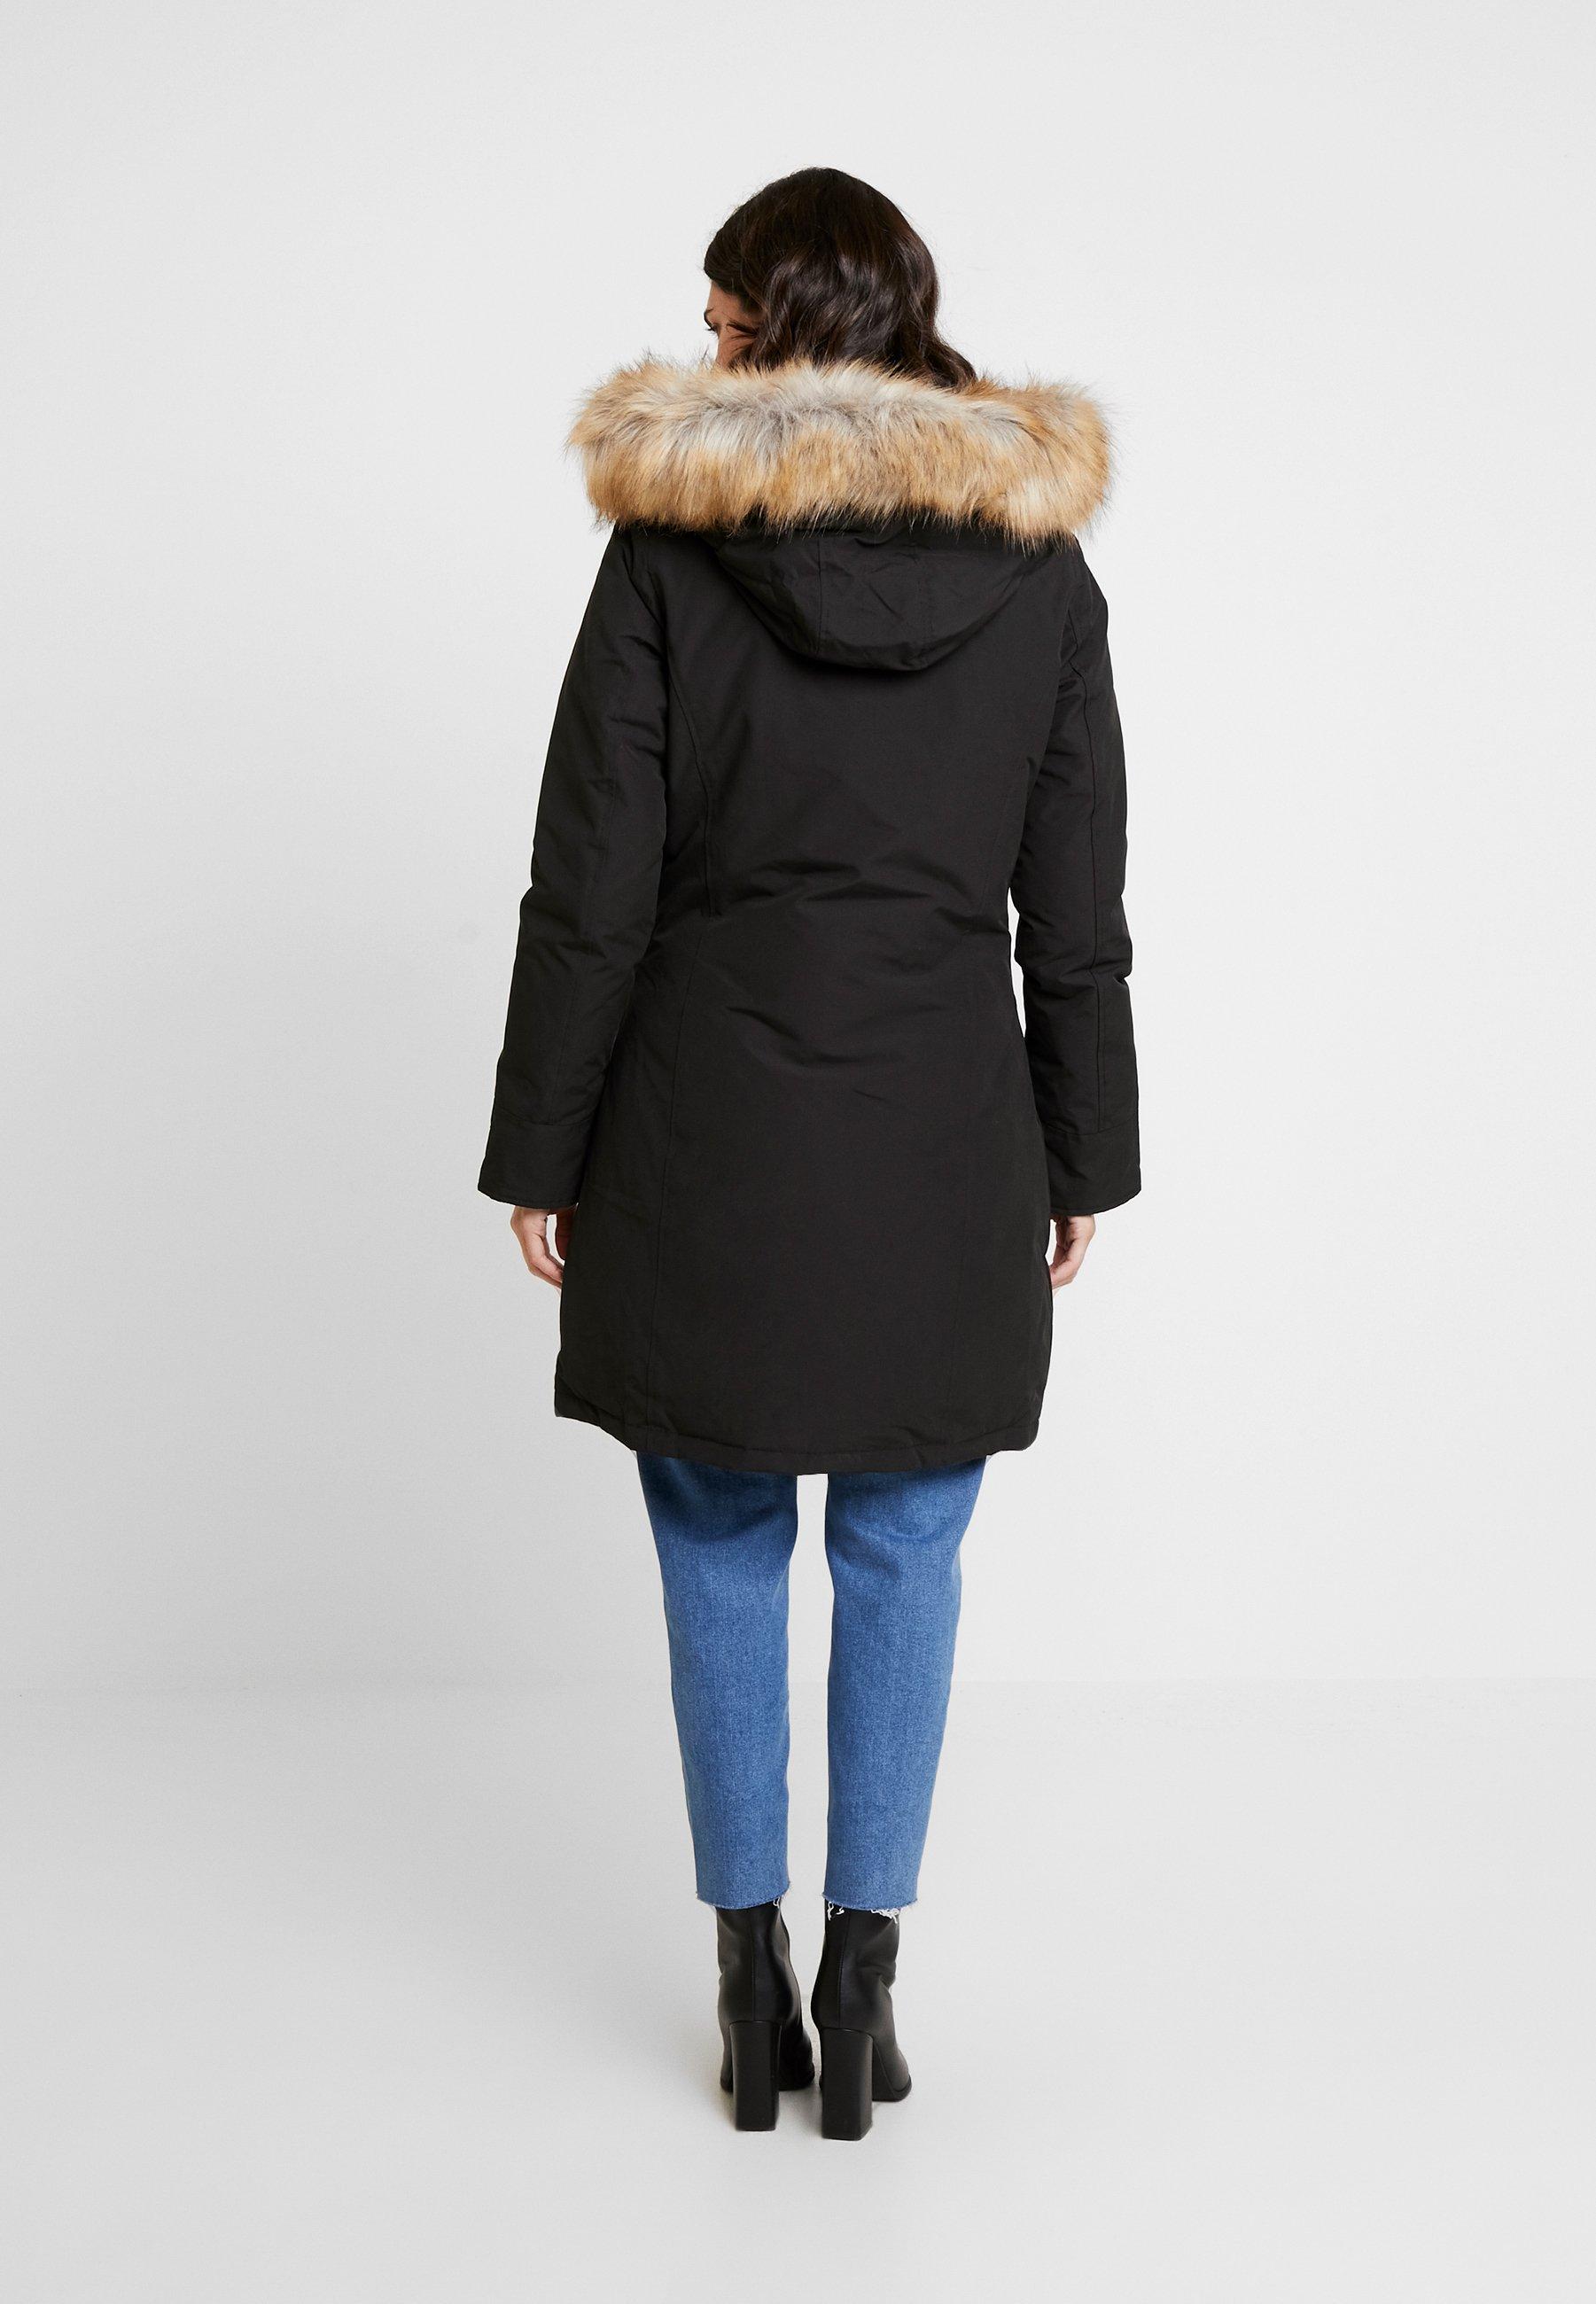 Canadian Classics Fundy Bay Long Fake Fur Piumino Black Nero Zalando It